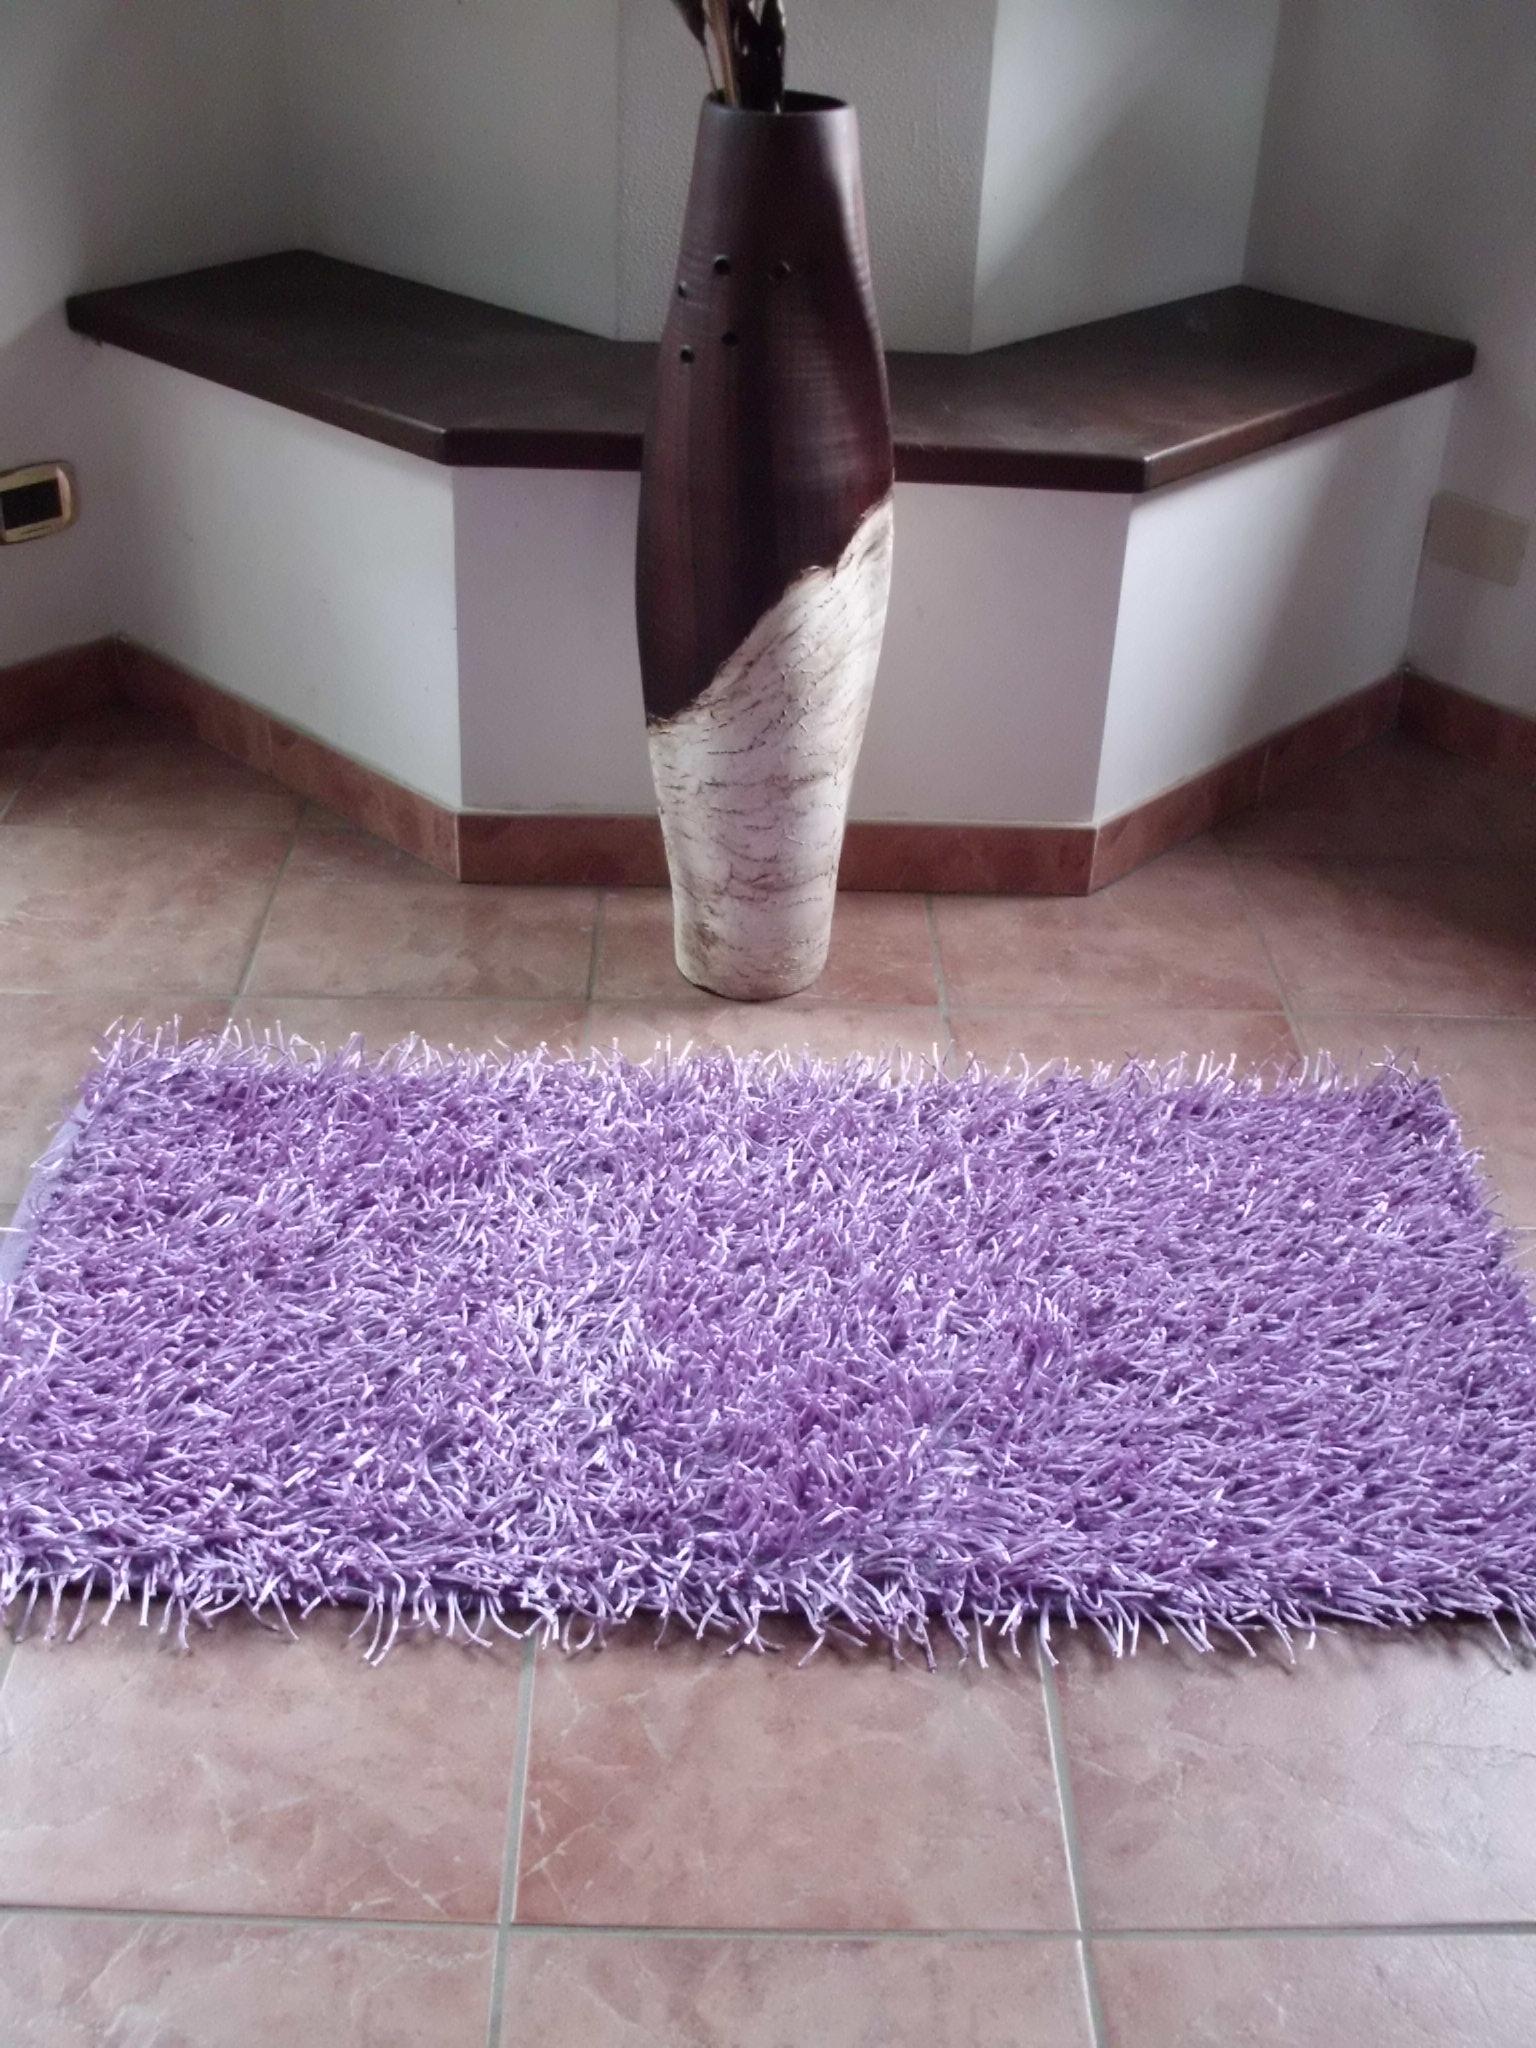 Tappeti per la Cucina a Prezzi Outlet: tappeti shaggy ...